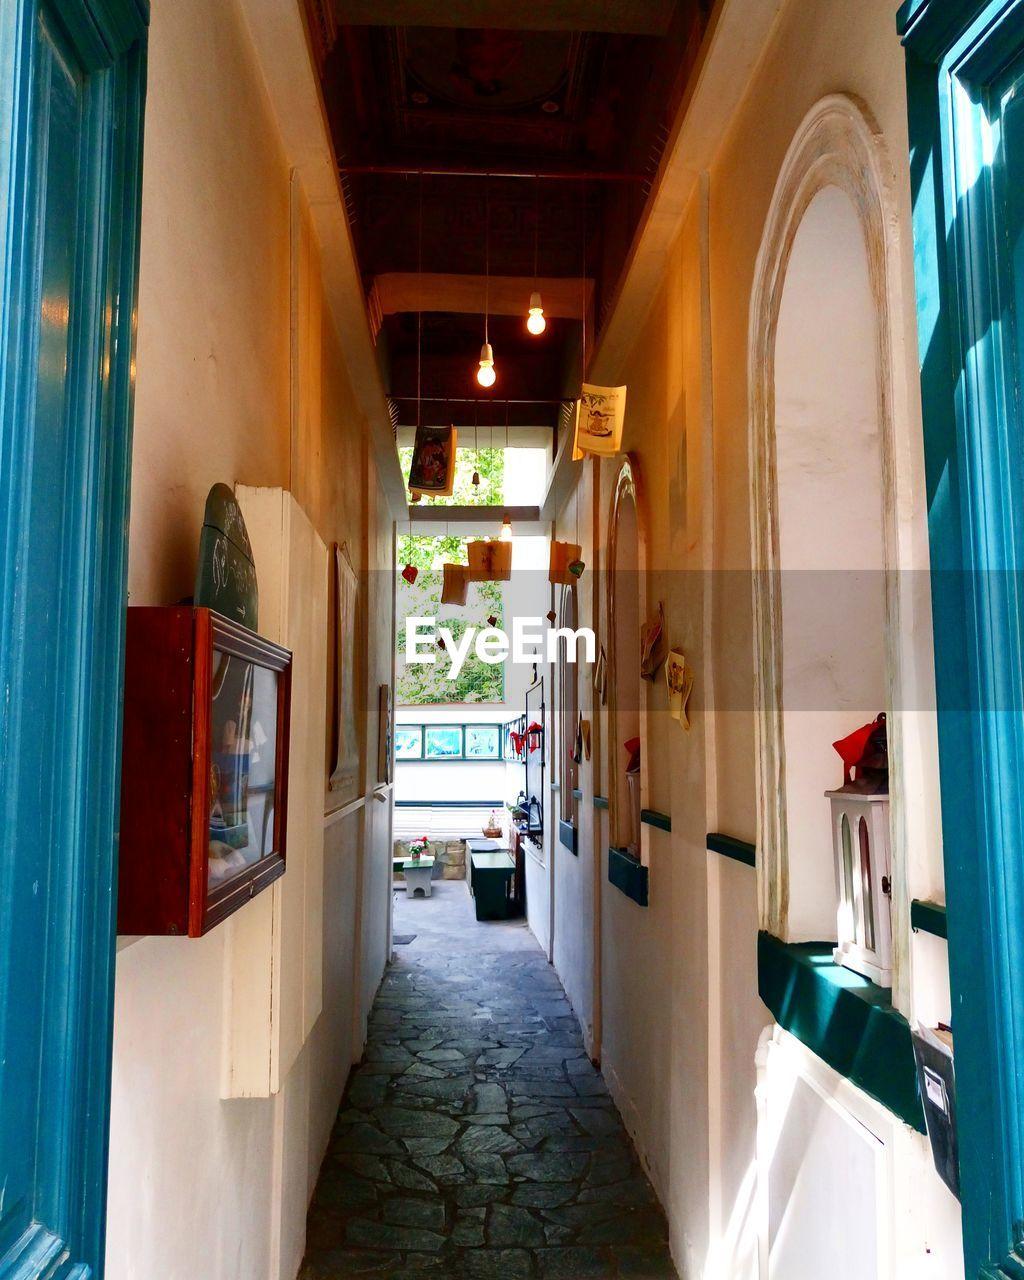 architecture, door, indoors, the way forward, built structure, no people, corridor, day, open door